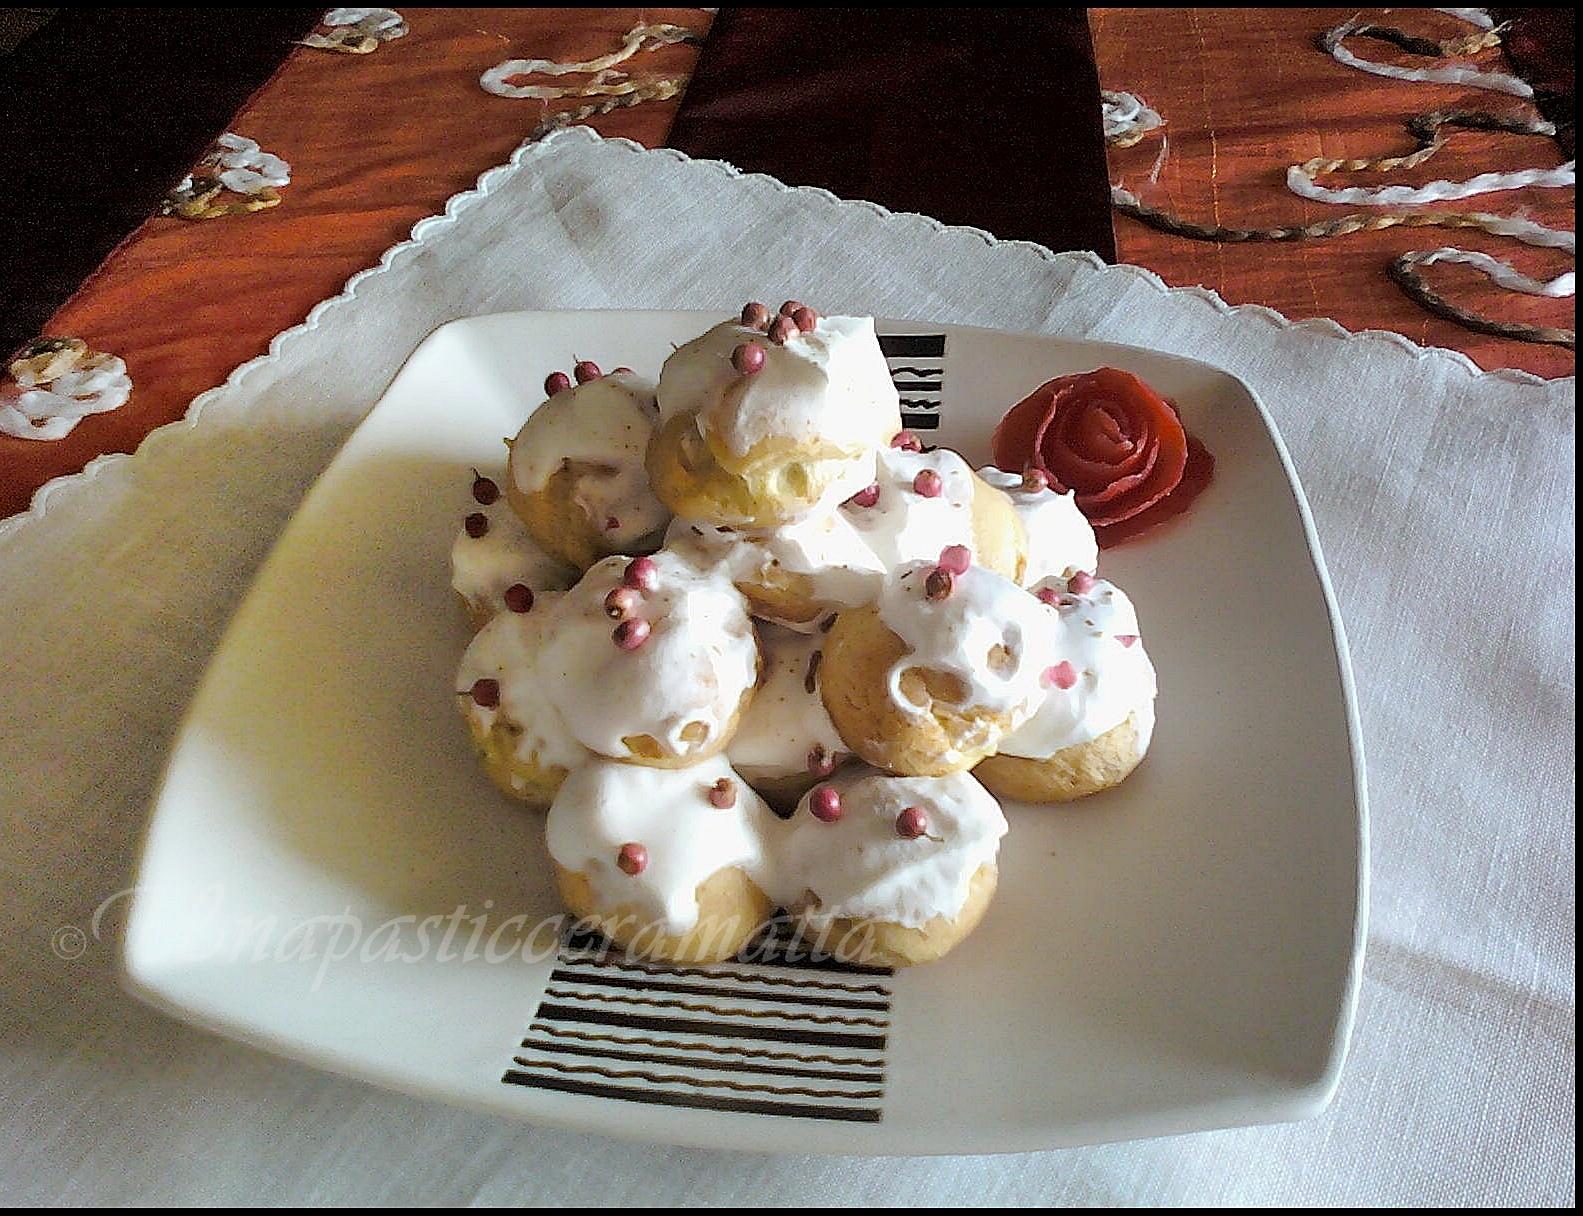 Profiteroles salato con funghi e crema salata Montersino PER LA RICETTA CLICCA SOTTO ↓↓↓ http://blog.giallozafferano.it/lapasticceramatta/profiteroles-salato-con-funghi/